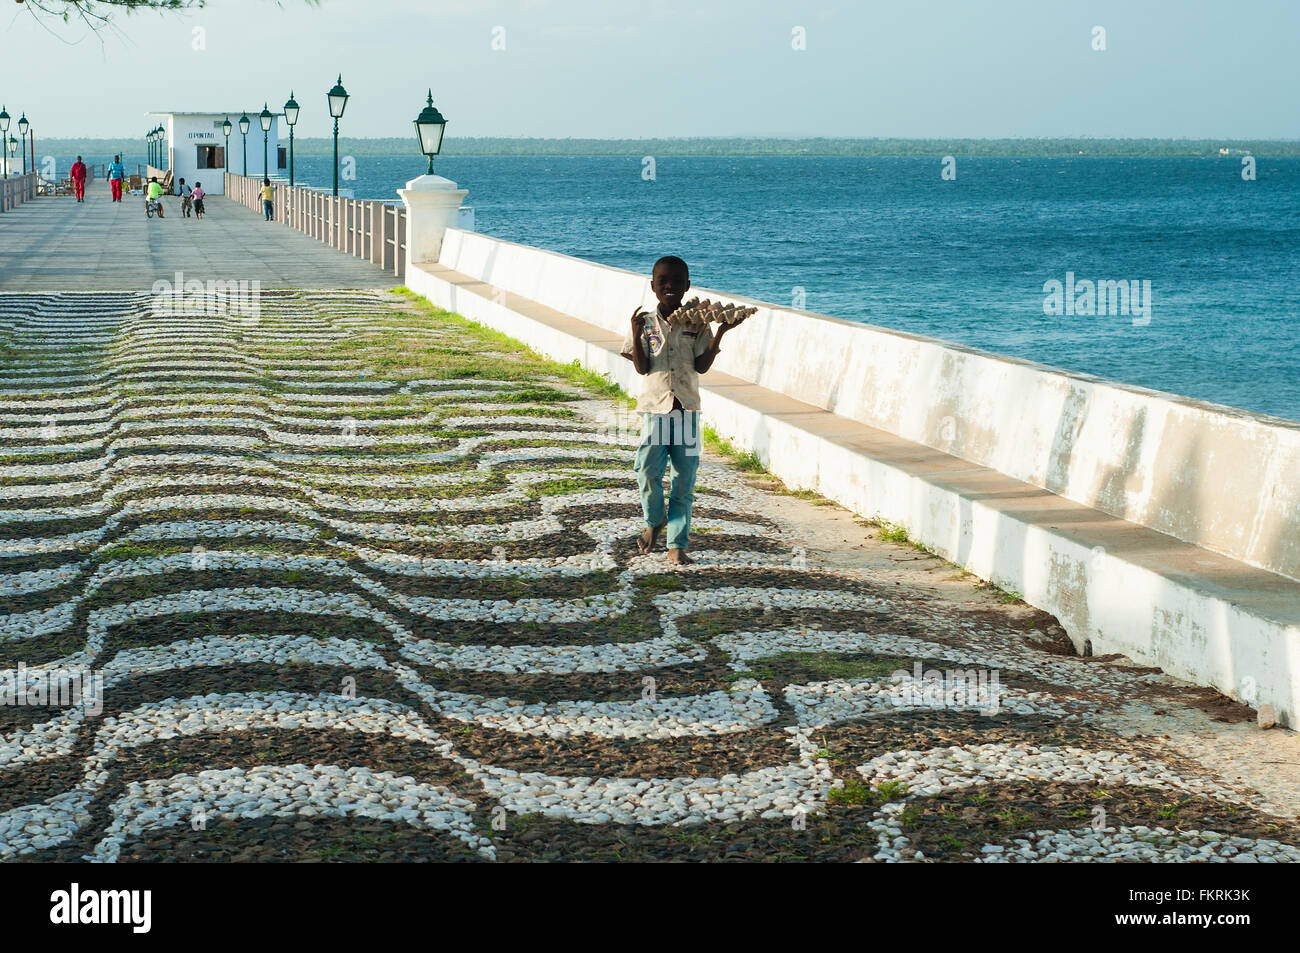 La jetée principale, Ilha de Mozambique, Nampula, Mozambique Photo Stock